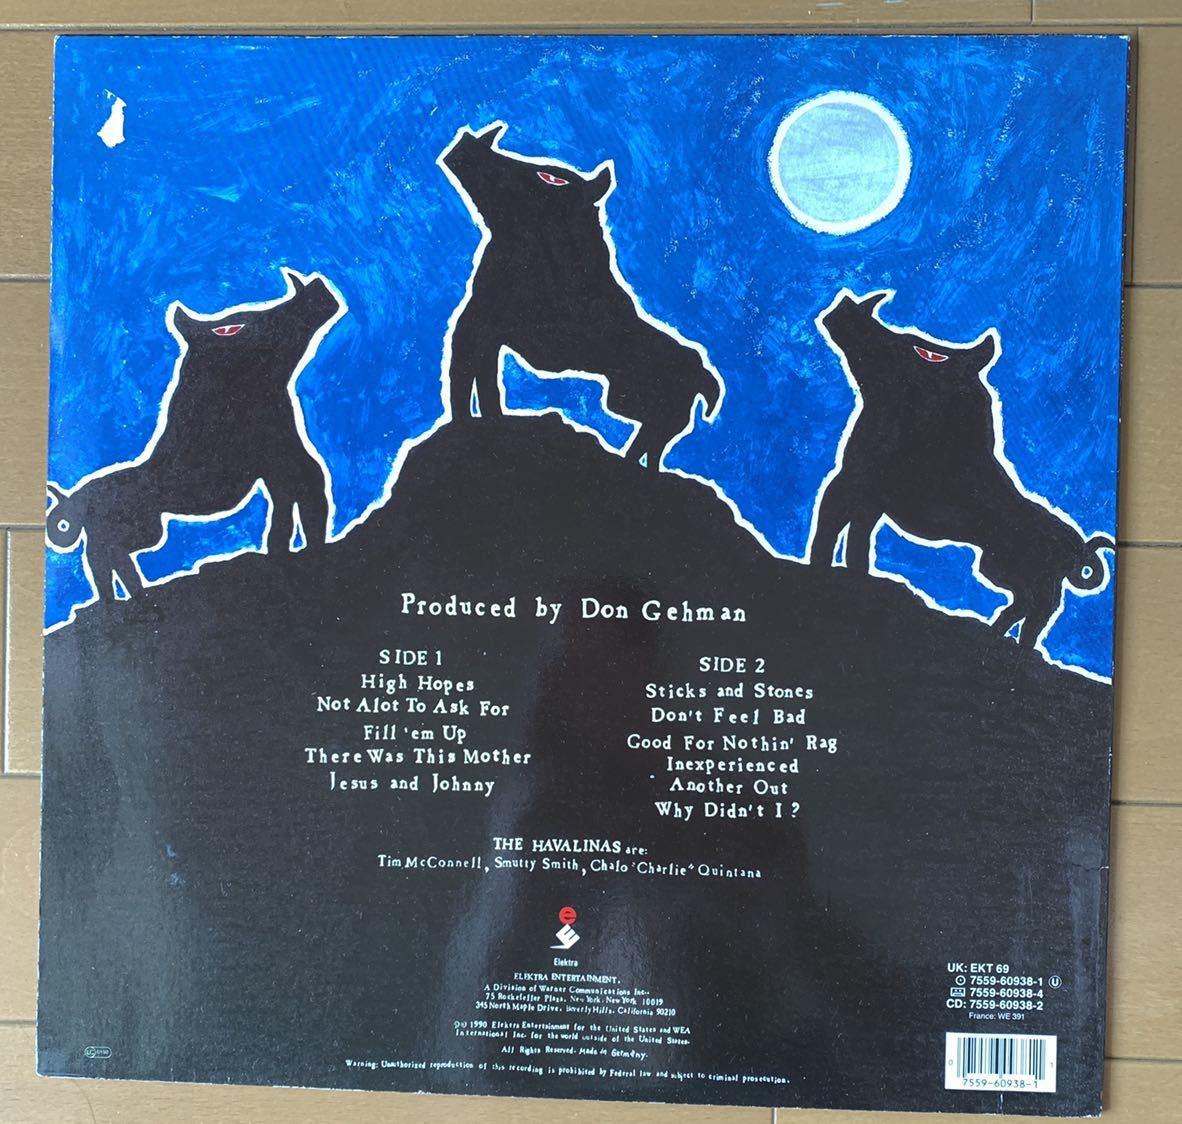 【値下】THE HAVALINAS LP ネオロカ 検ROCKATS、SMUTTY SMITH ロカビリー、サイコビリー、 名曲HIGH HOPES収録 レア_画像2